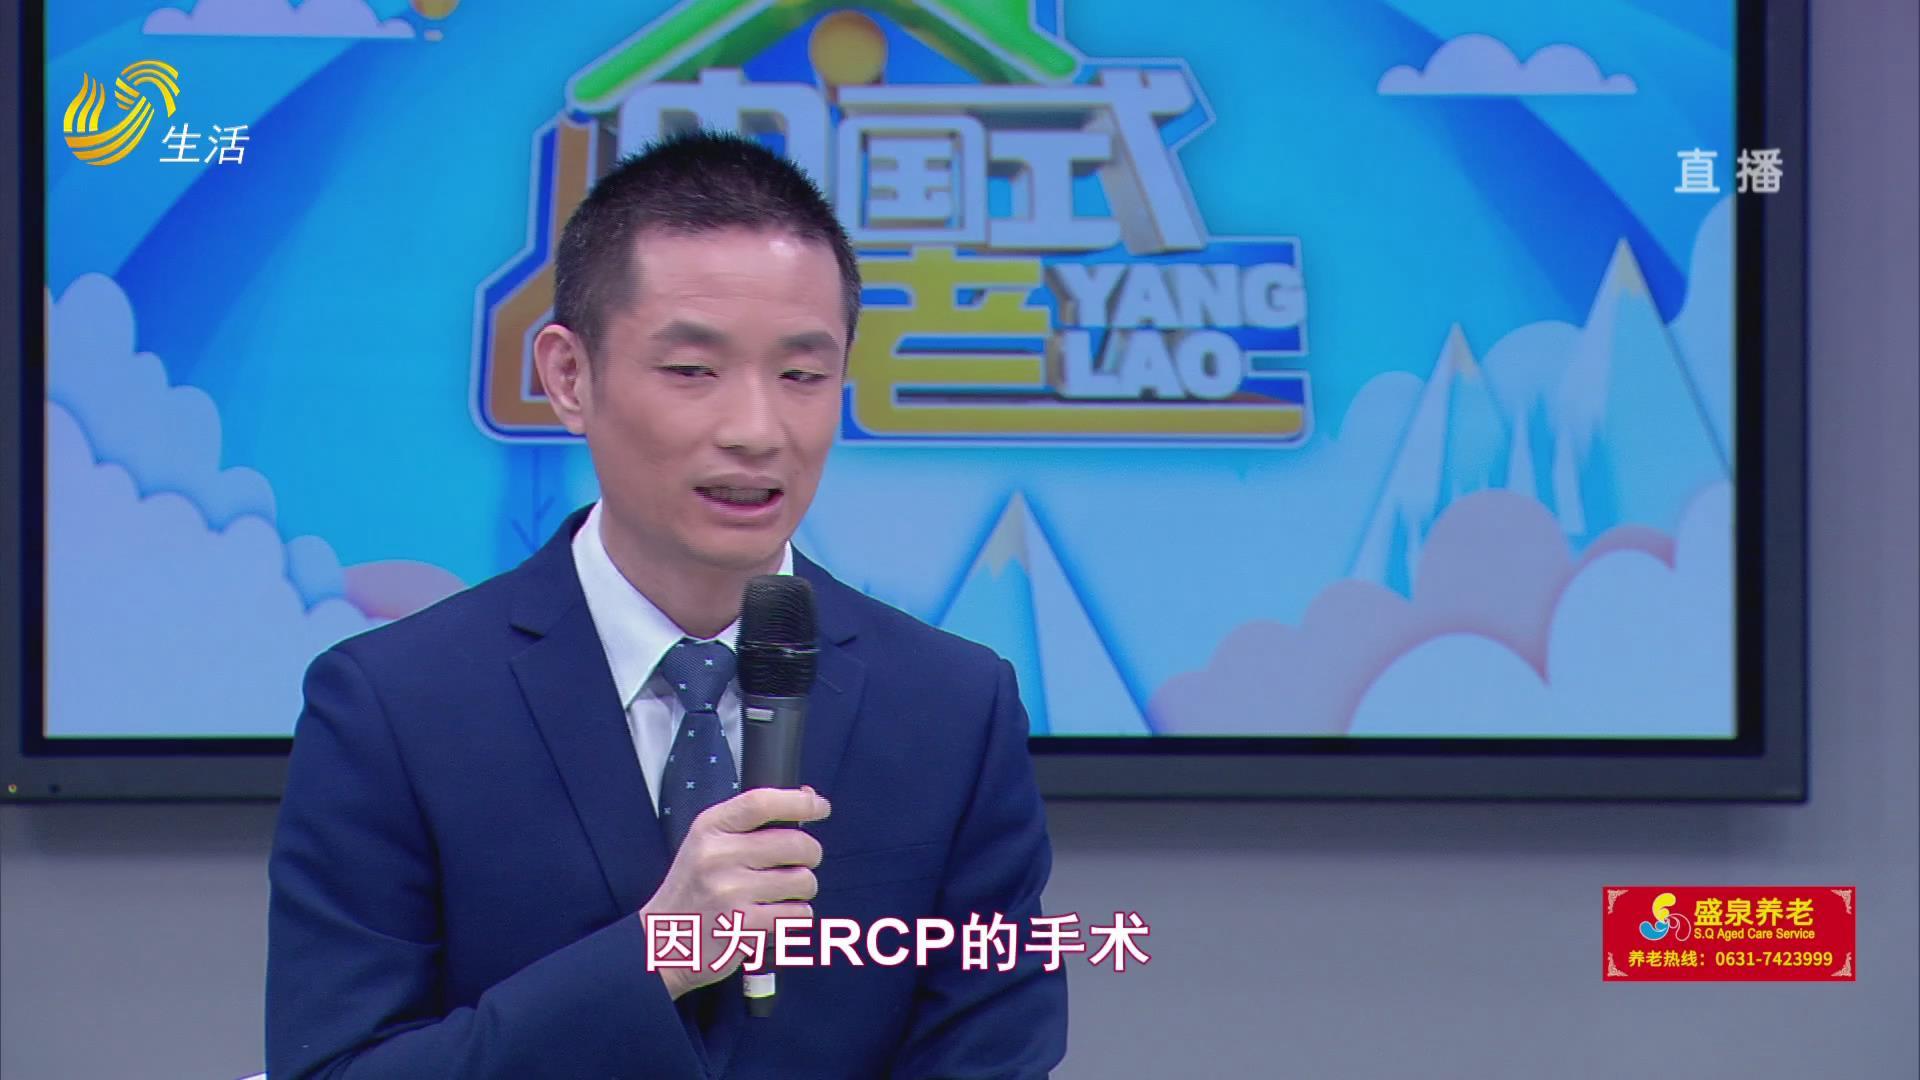 中国式养老-做手术 要选择老年人耐受的!